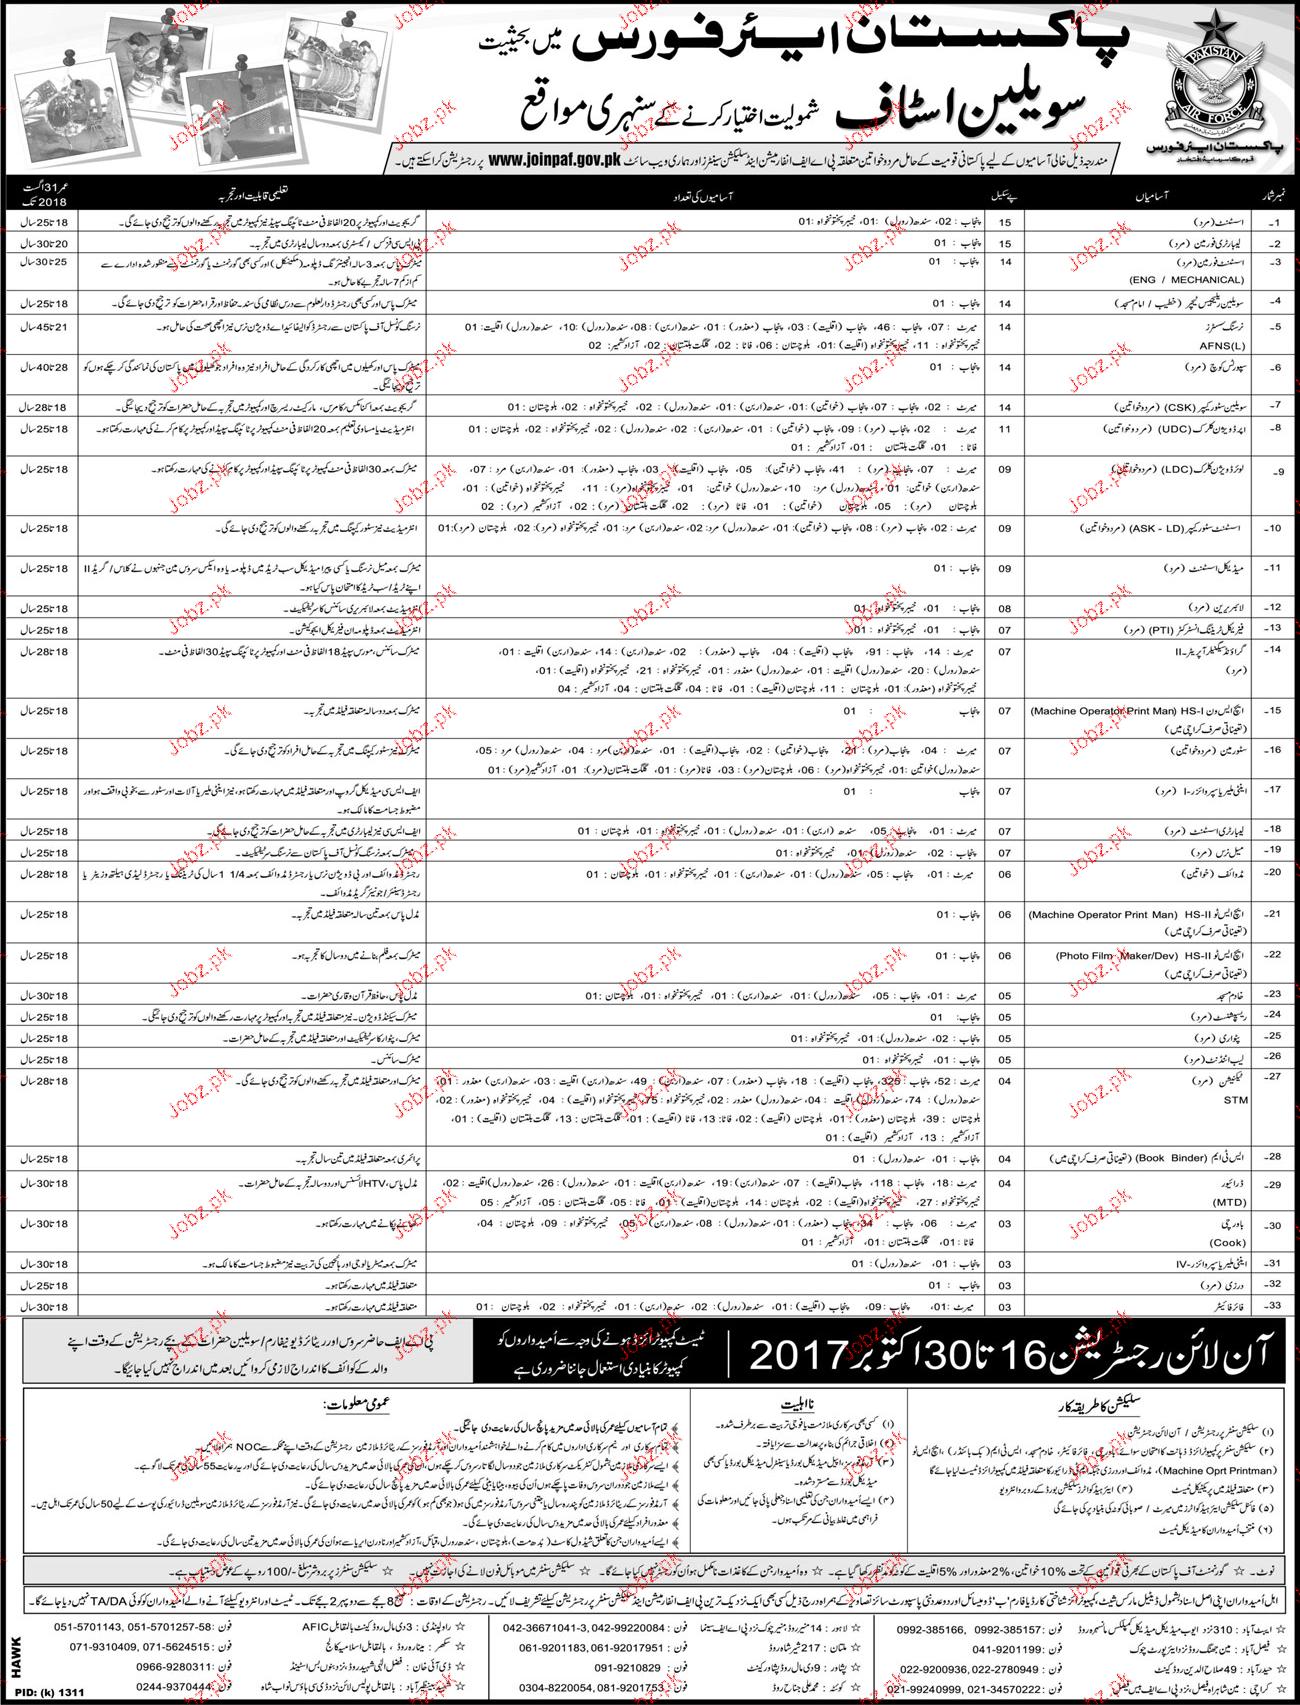 PAF Civilian Jobs 2017 joinpaf.gov.pk